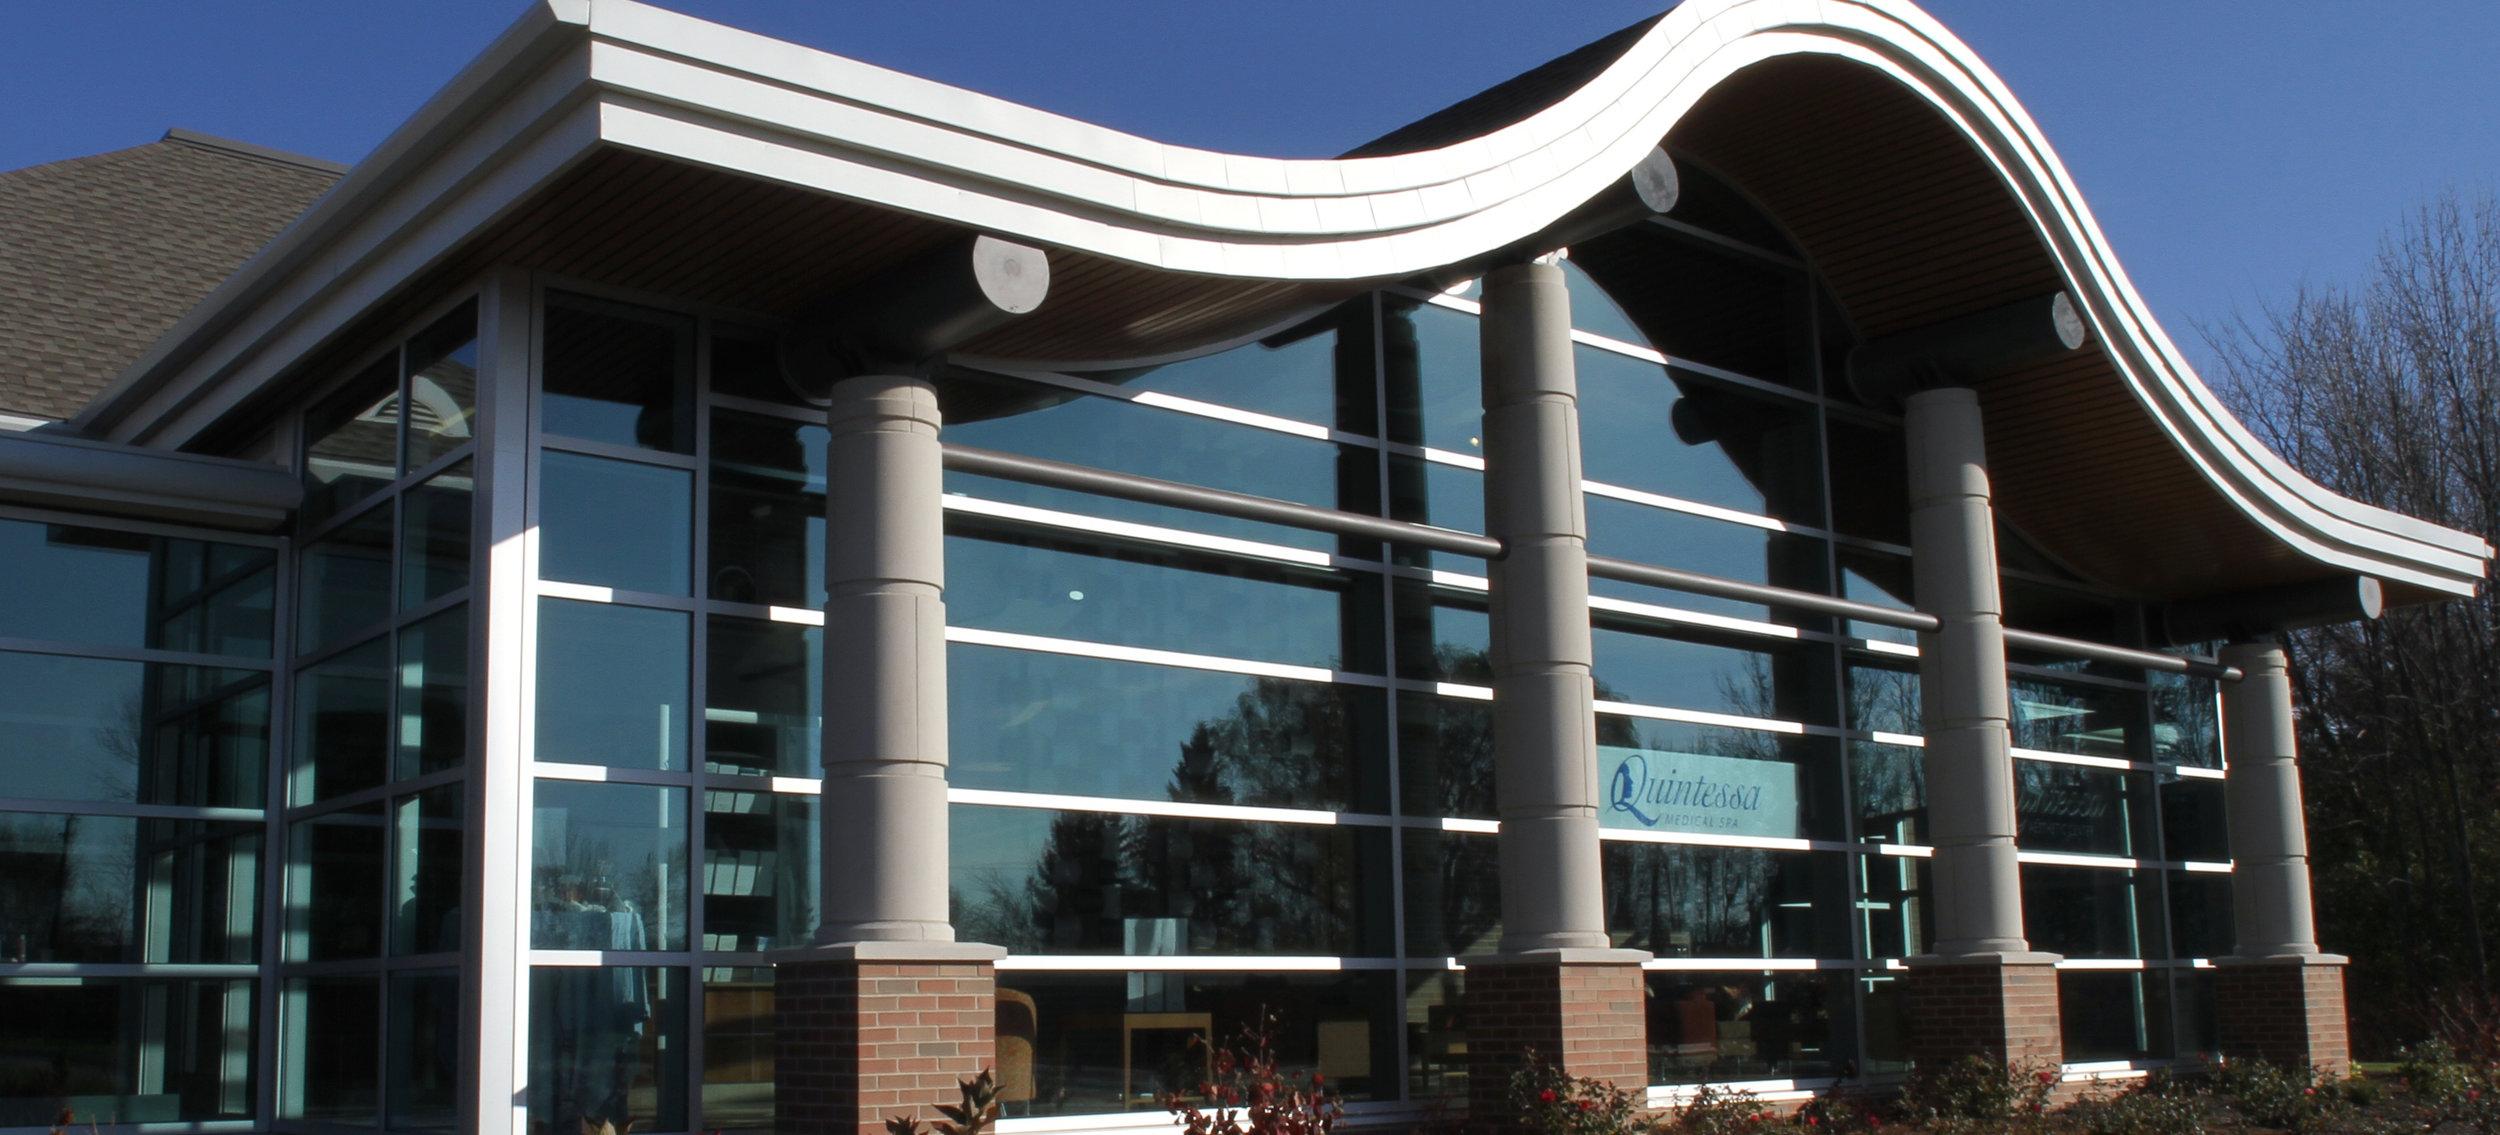 Quintessa Aesthetic Center in Mequon, WI